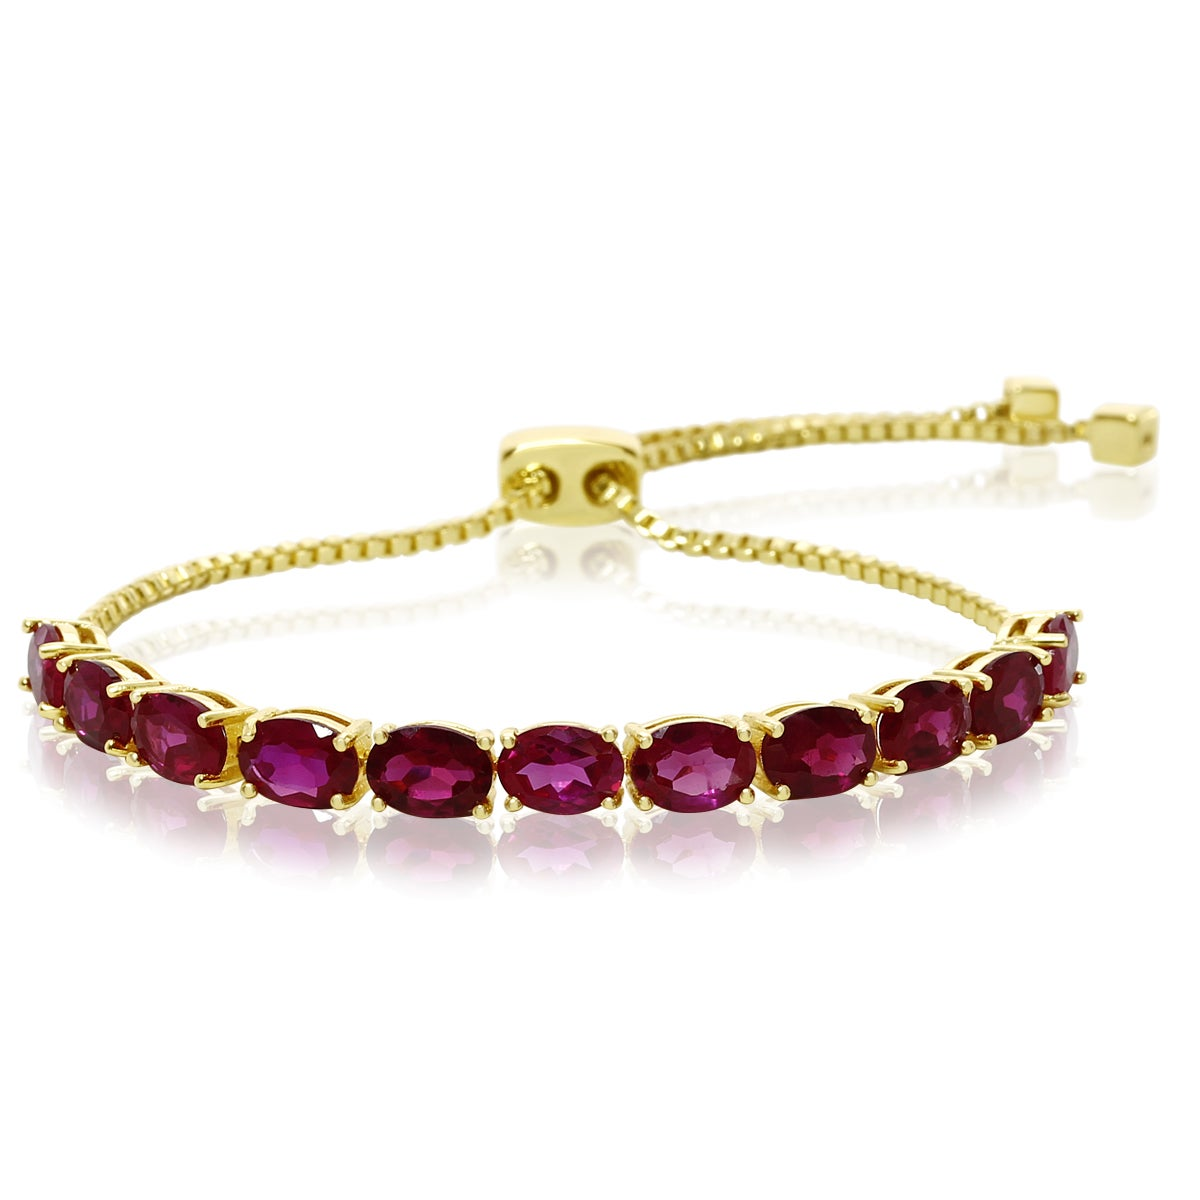 7 TGW Ruby Adjustable Slide Tennis Bracelet In Yellow Gol...